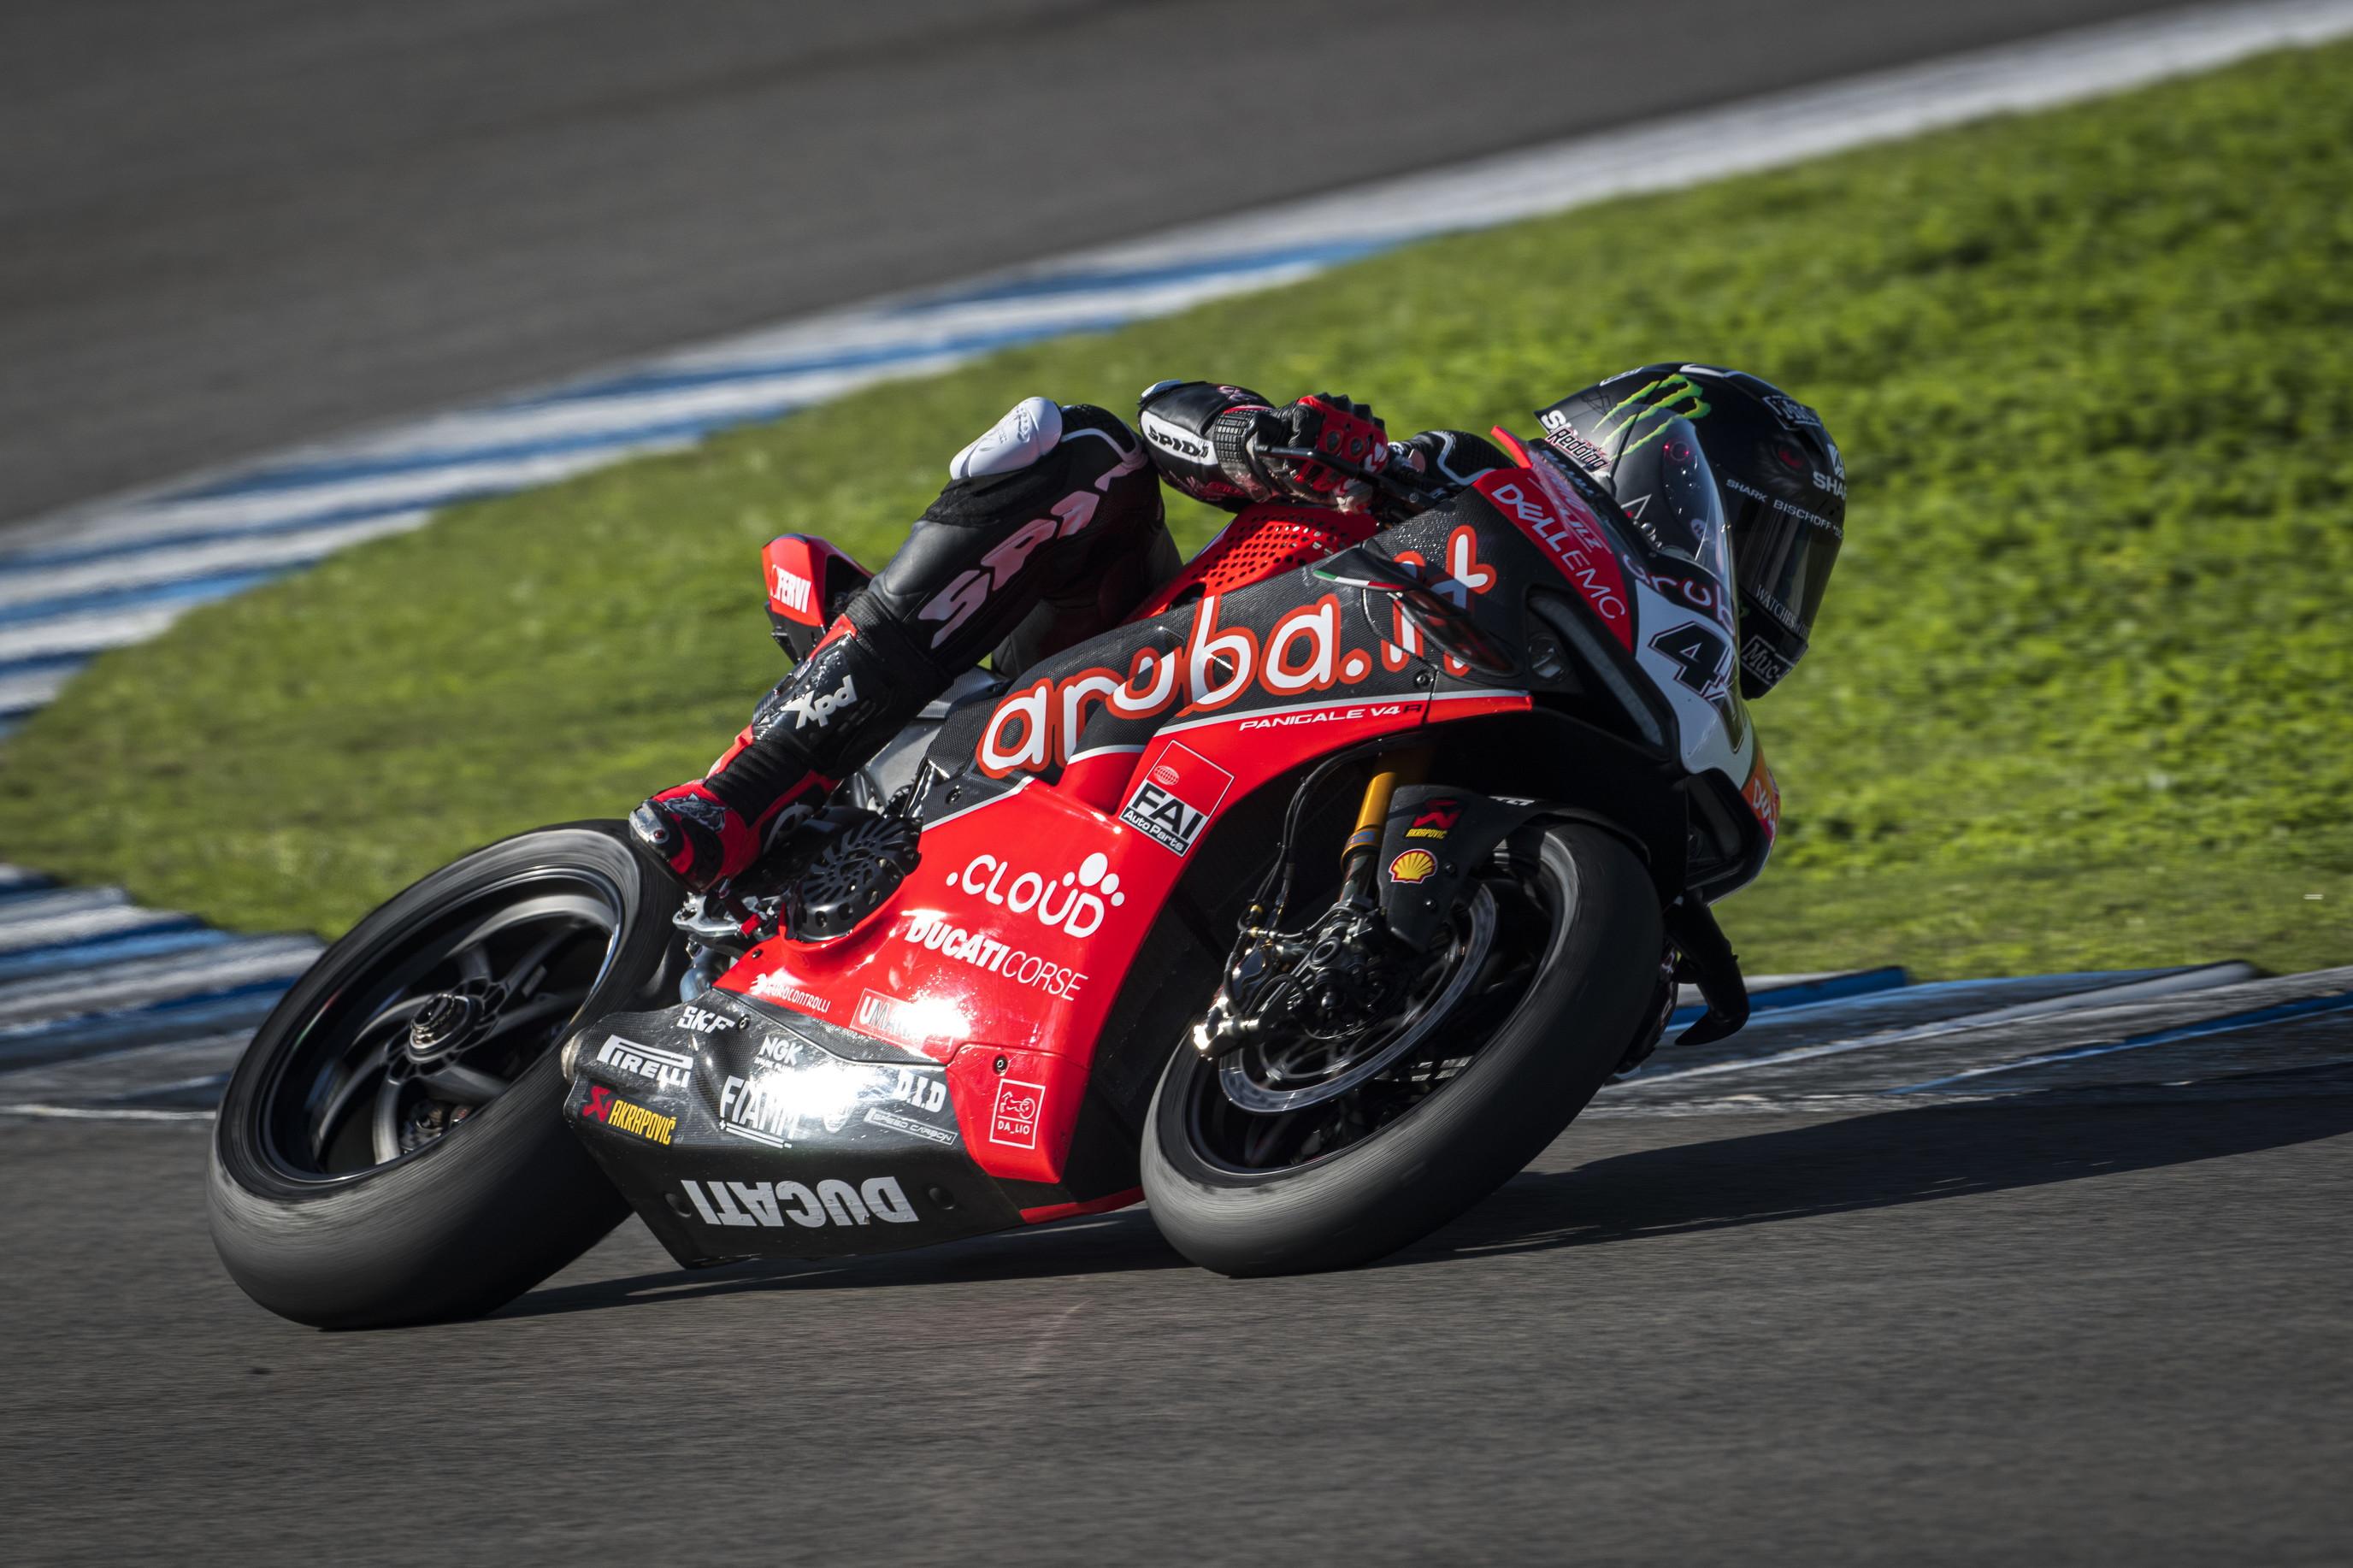 A Jerez, piloti in pista per altre prove in vista della prossima stagione.Al termine dei due giorni in pista, il più veloce è stato Rea, che ha preceduto le Yamaha di Baz e van der Mark. Quinto Redding con la migliore Ducati.